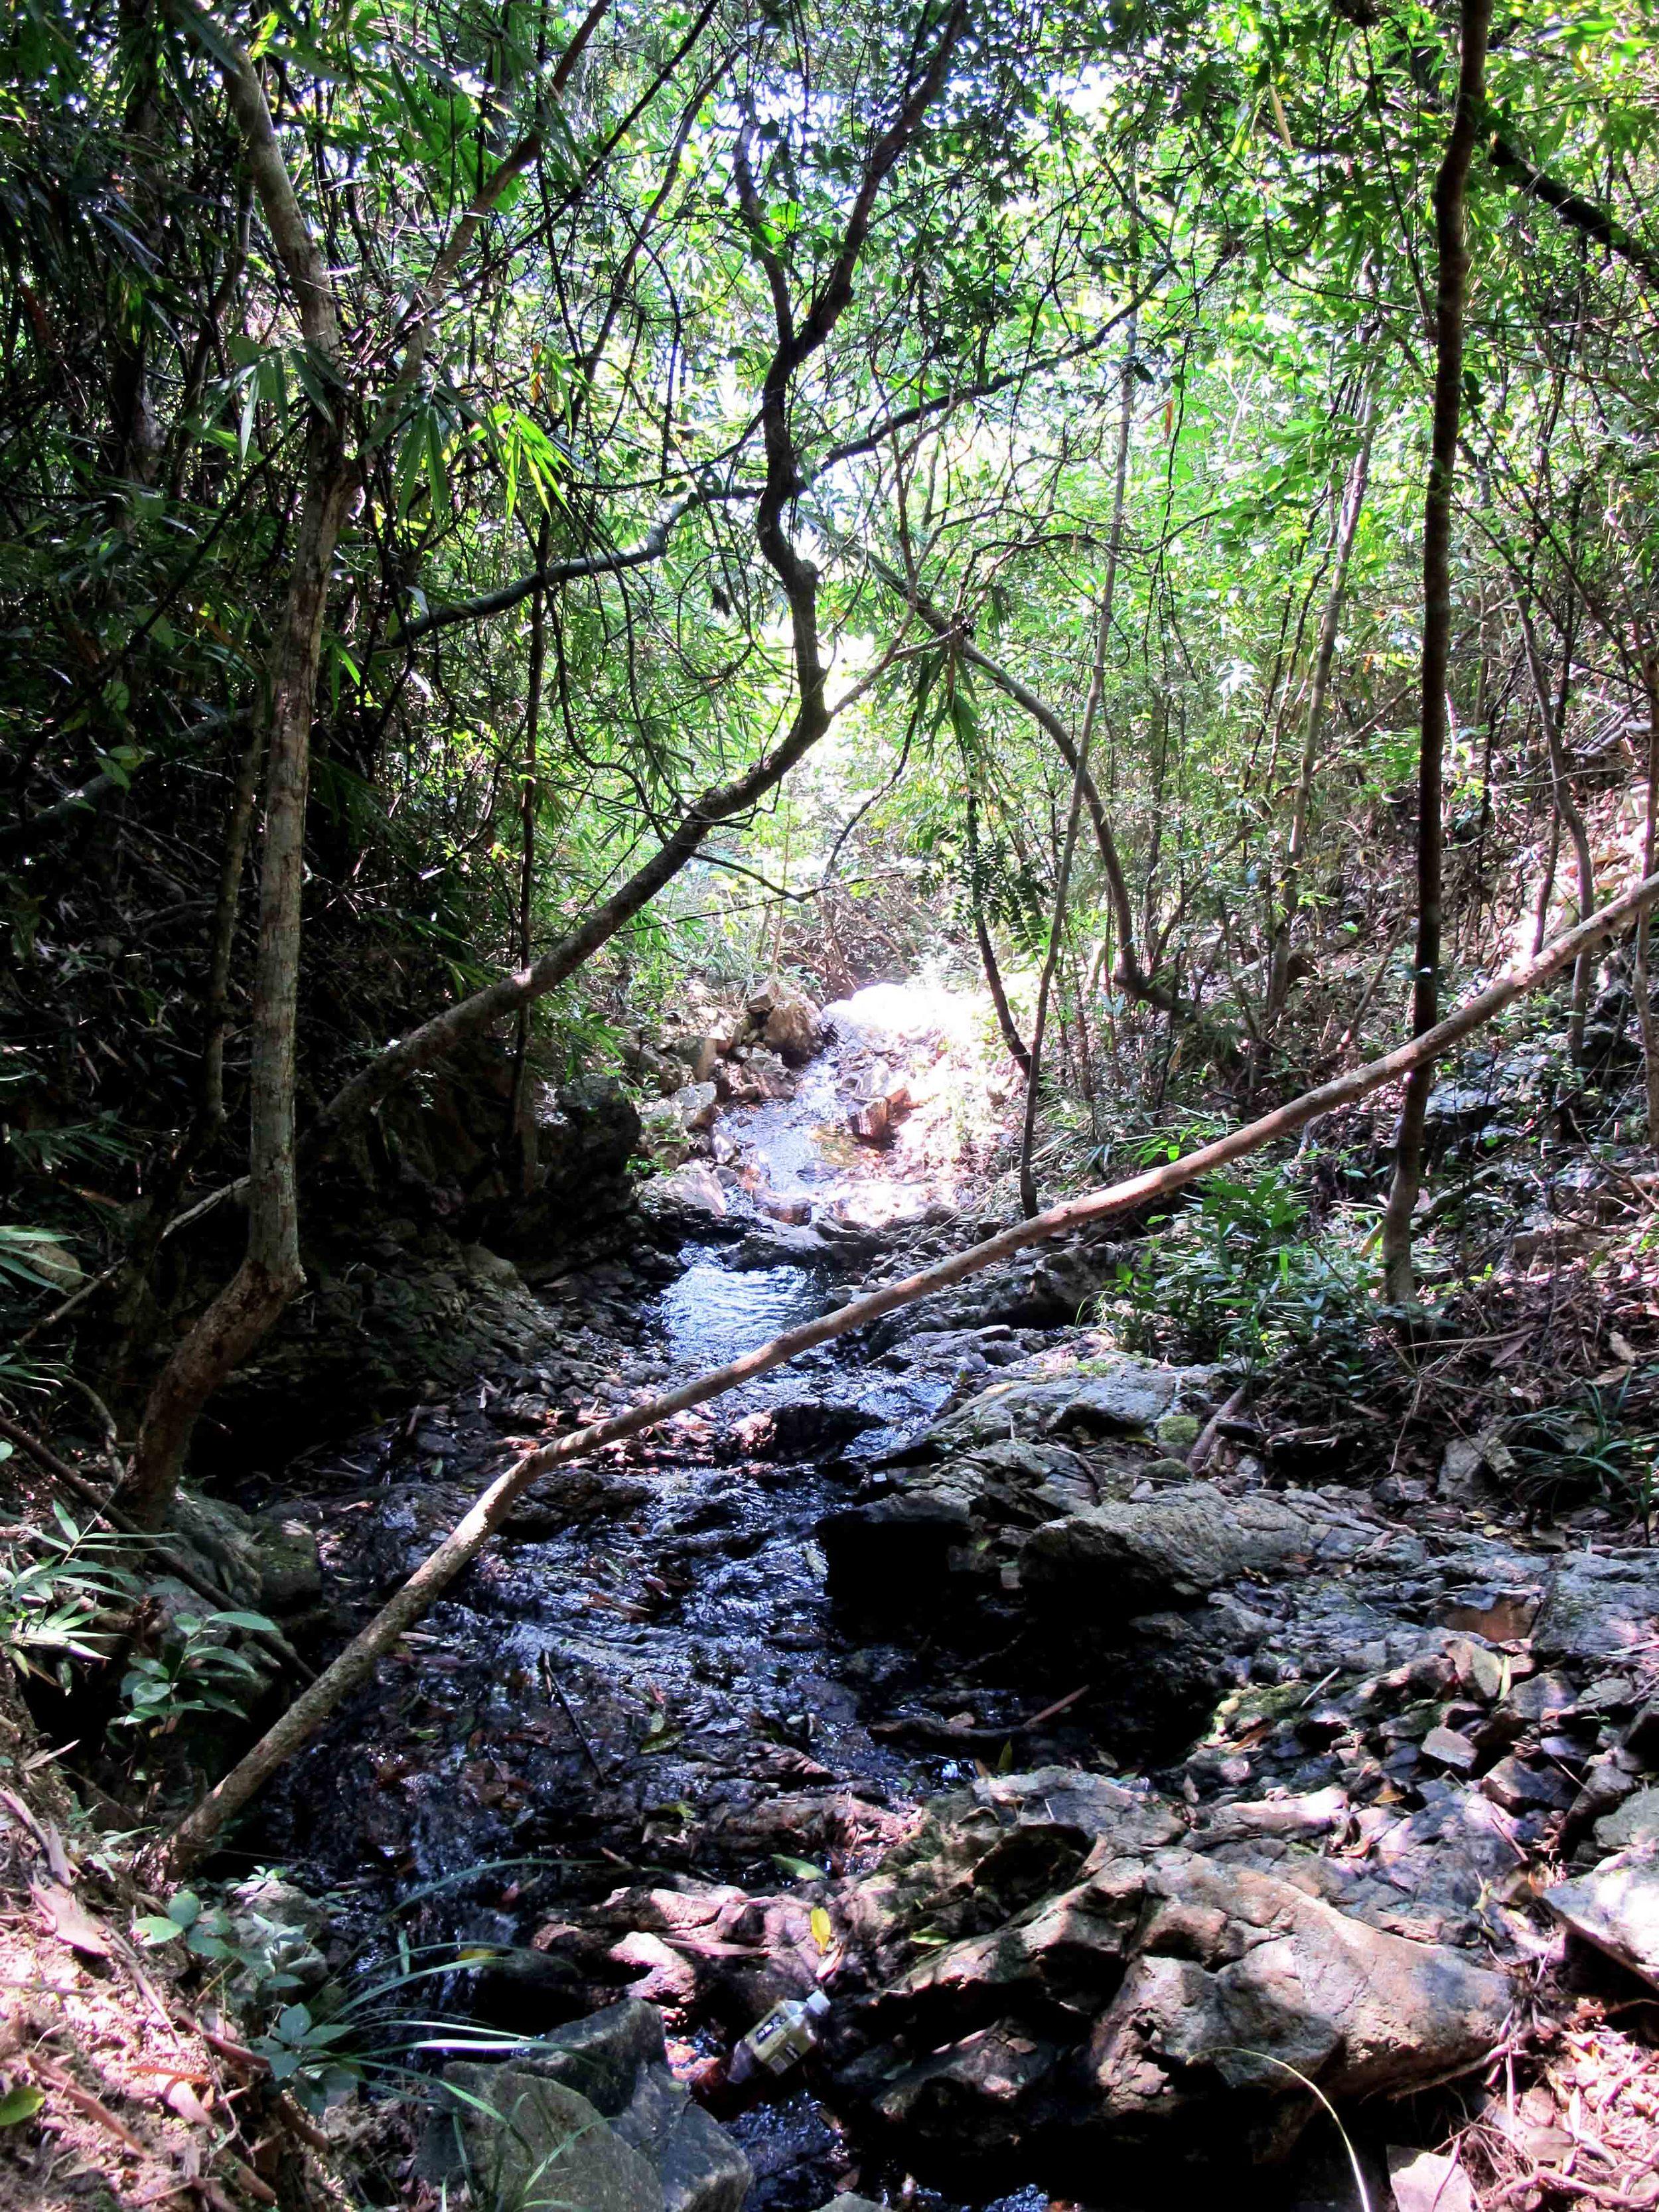 Expect natural streams and waterfalls